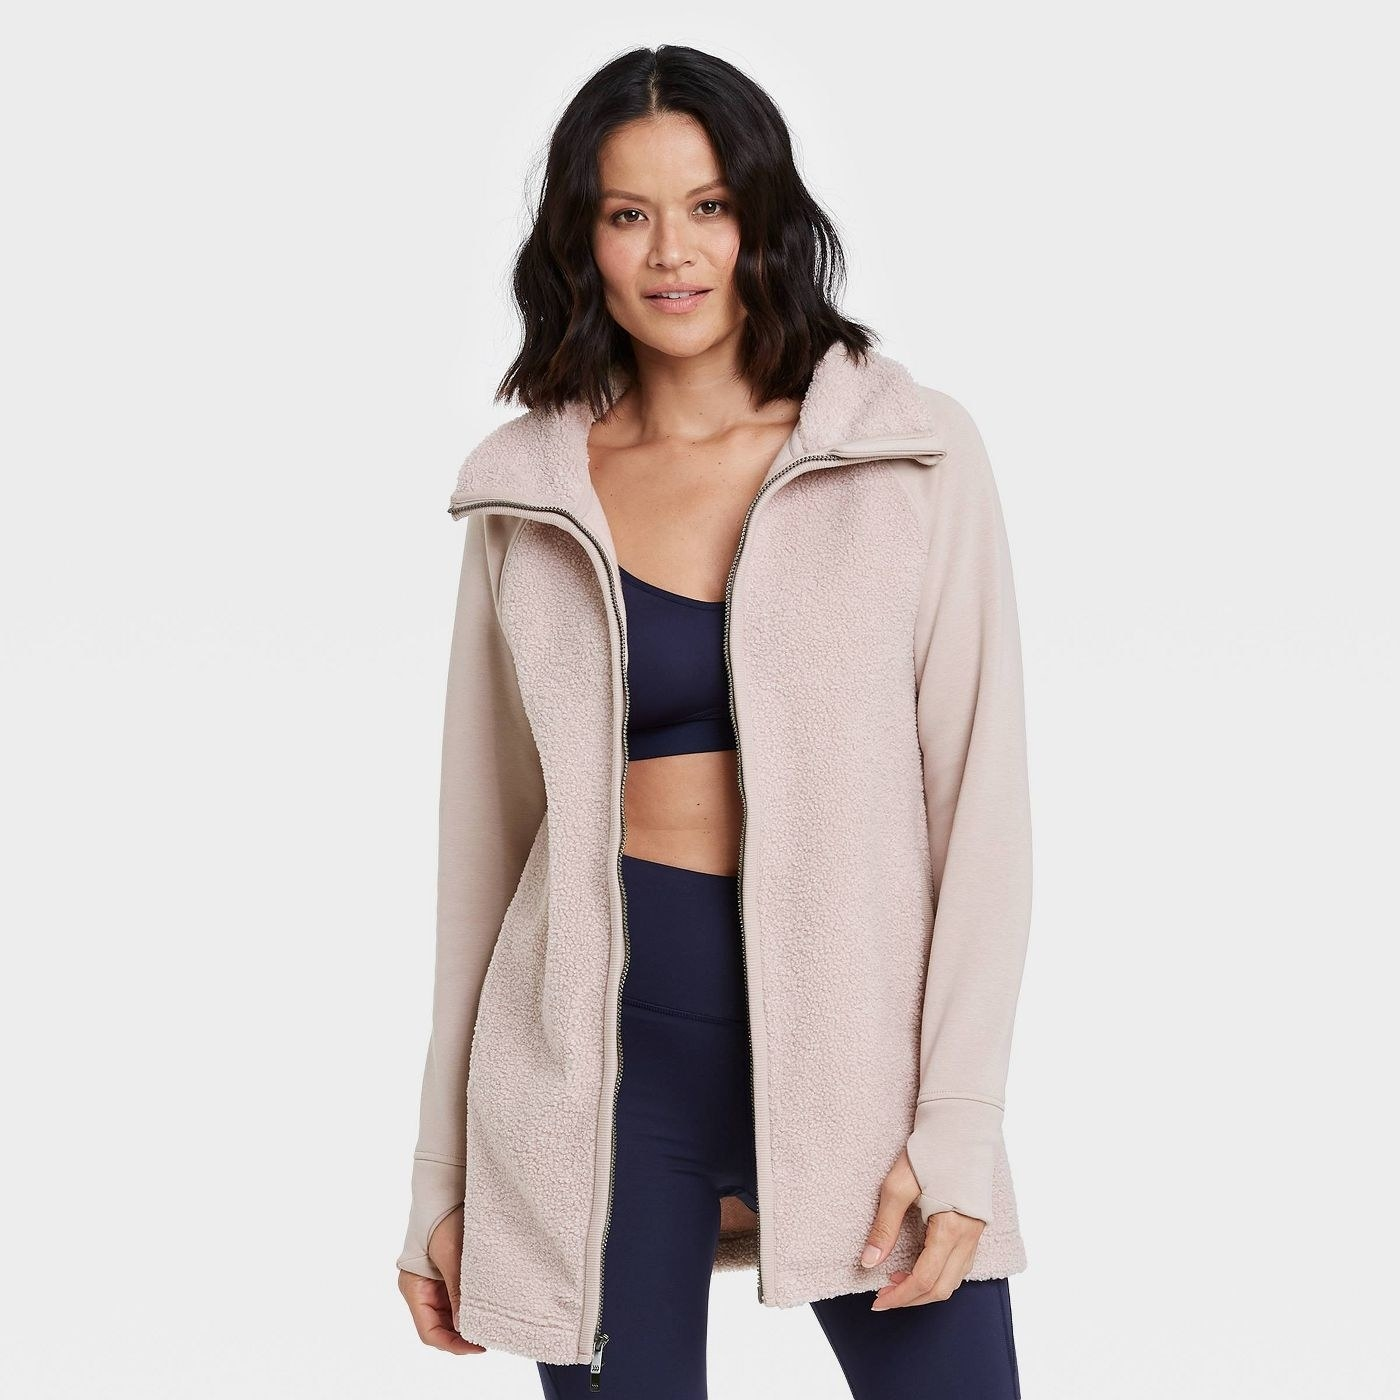 Model in sherpa jacket